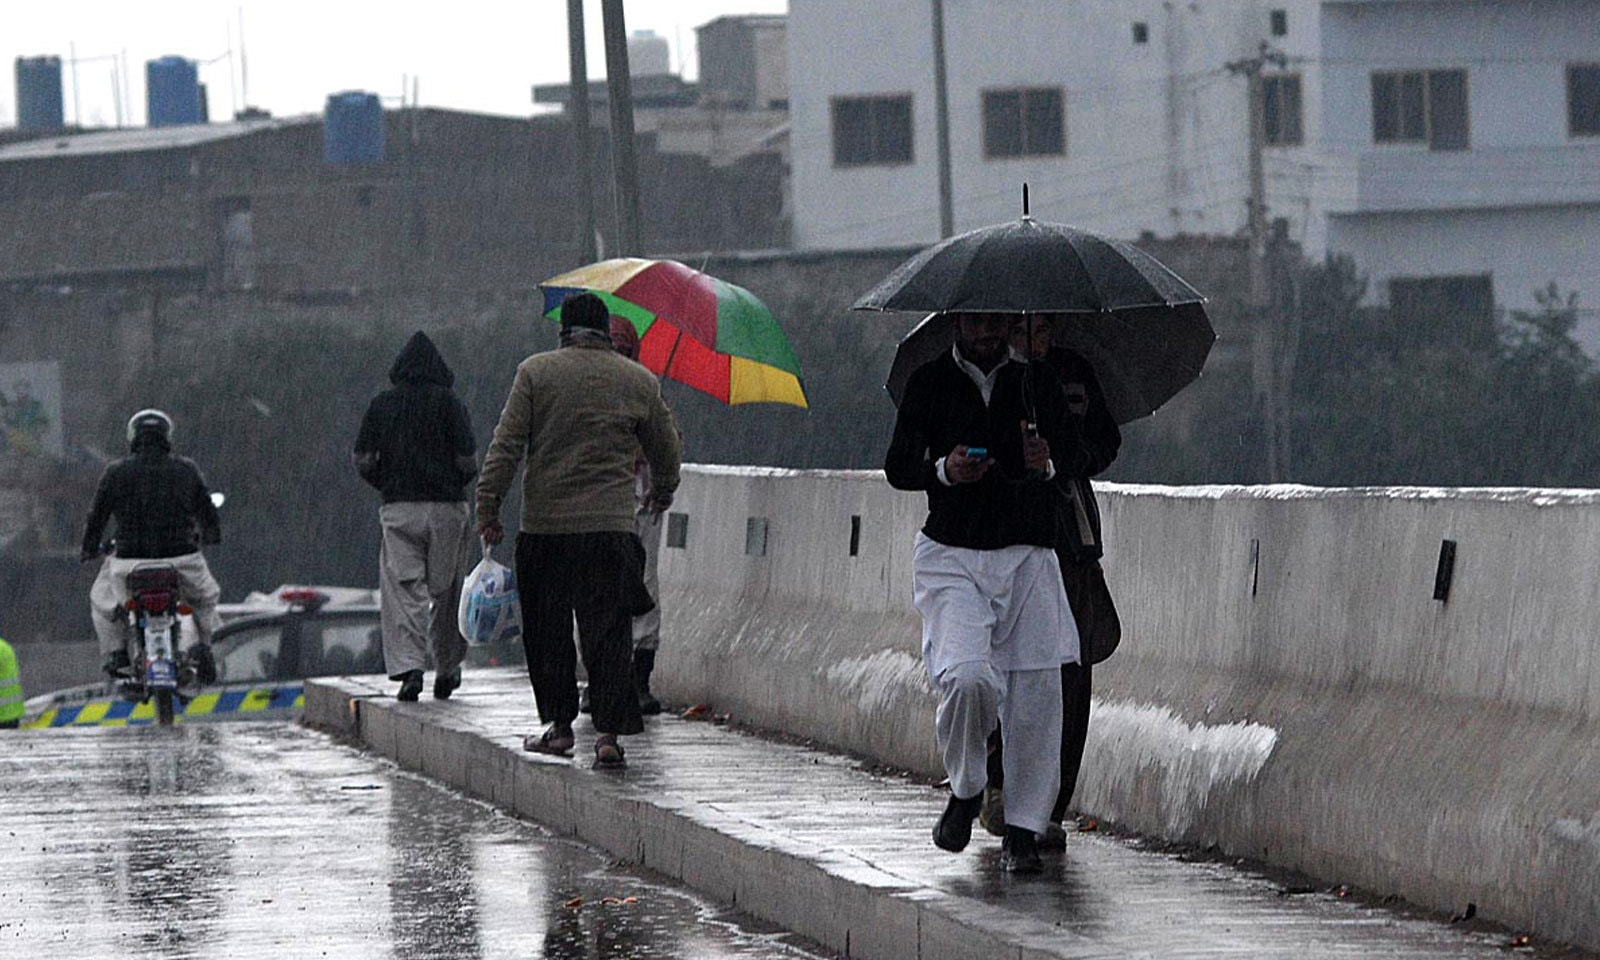 راولپنڈی میں شہری بارش سے بچنے کے لیے چھتریوں کا سہارا لیے ہوئے ہیں — فوٹو: اے پی پی